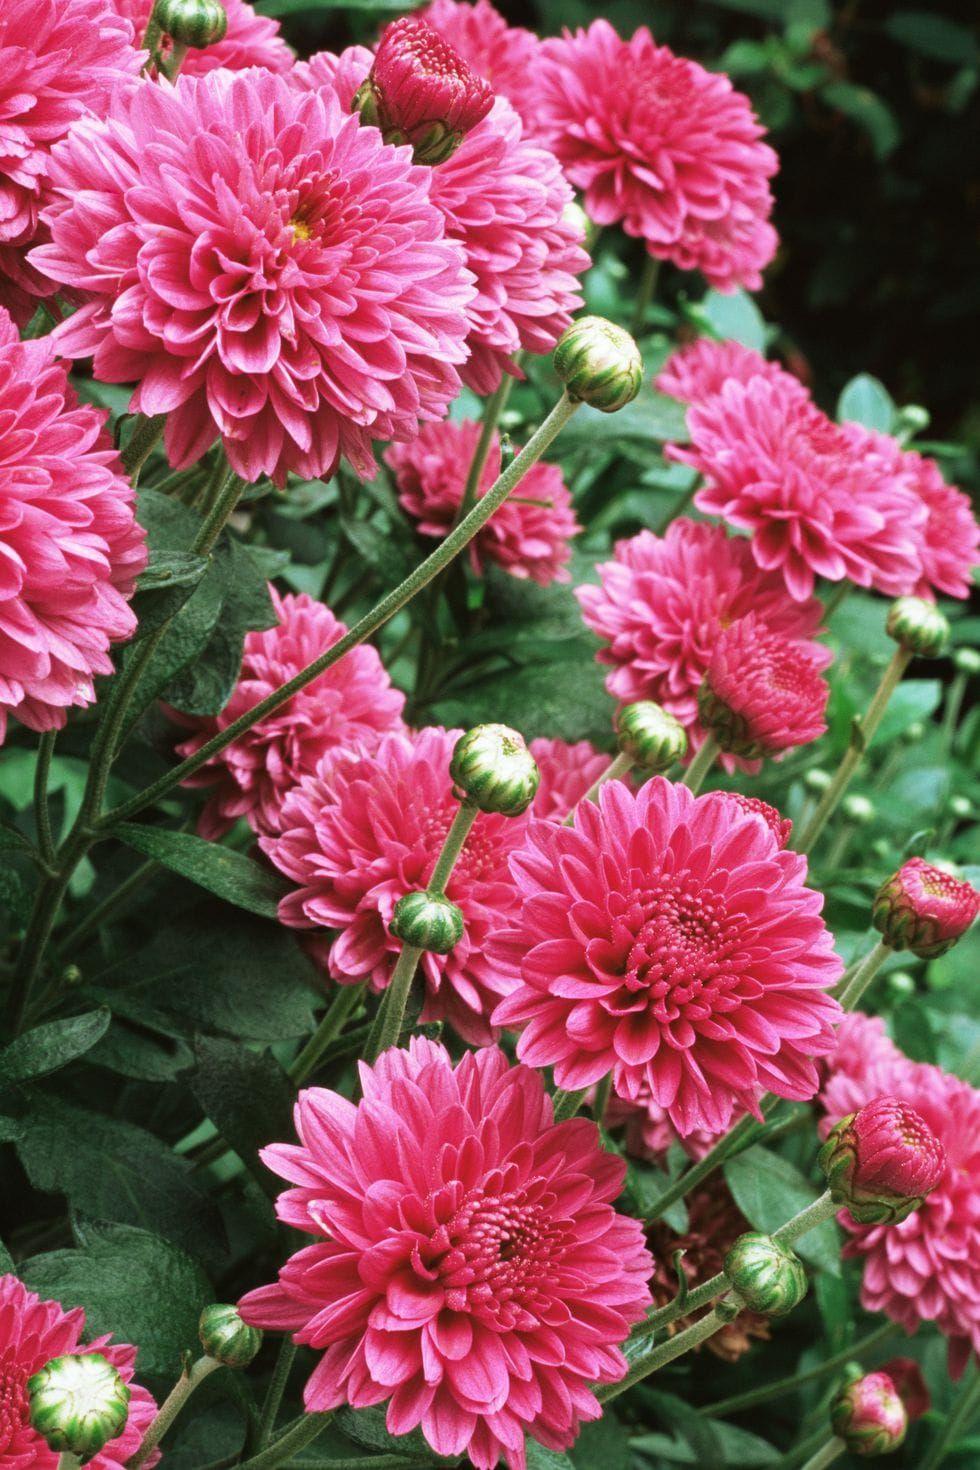 Les 15 plantes à avoir dans votre jardin en automne (avec